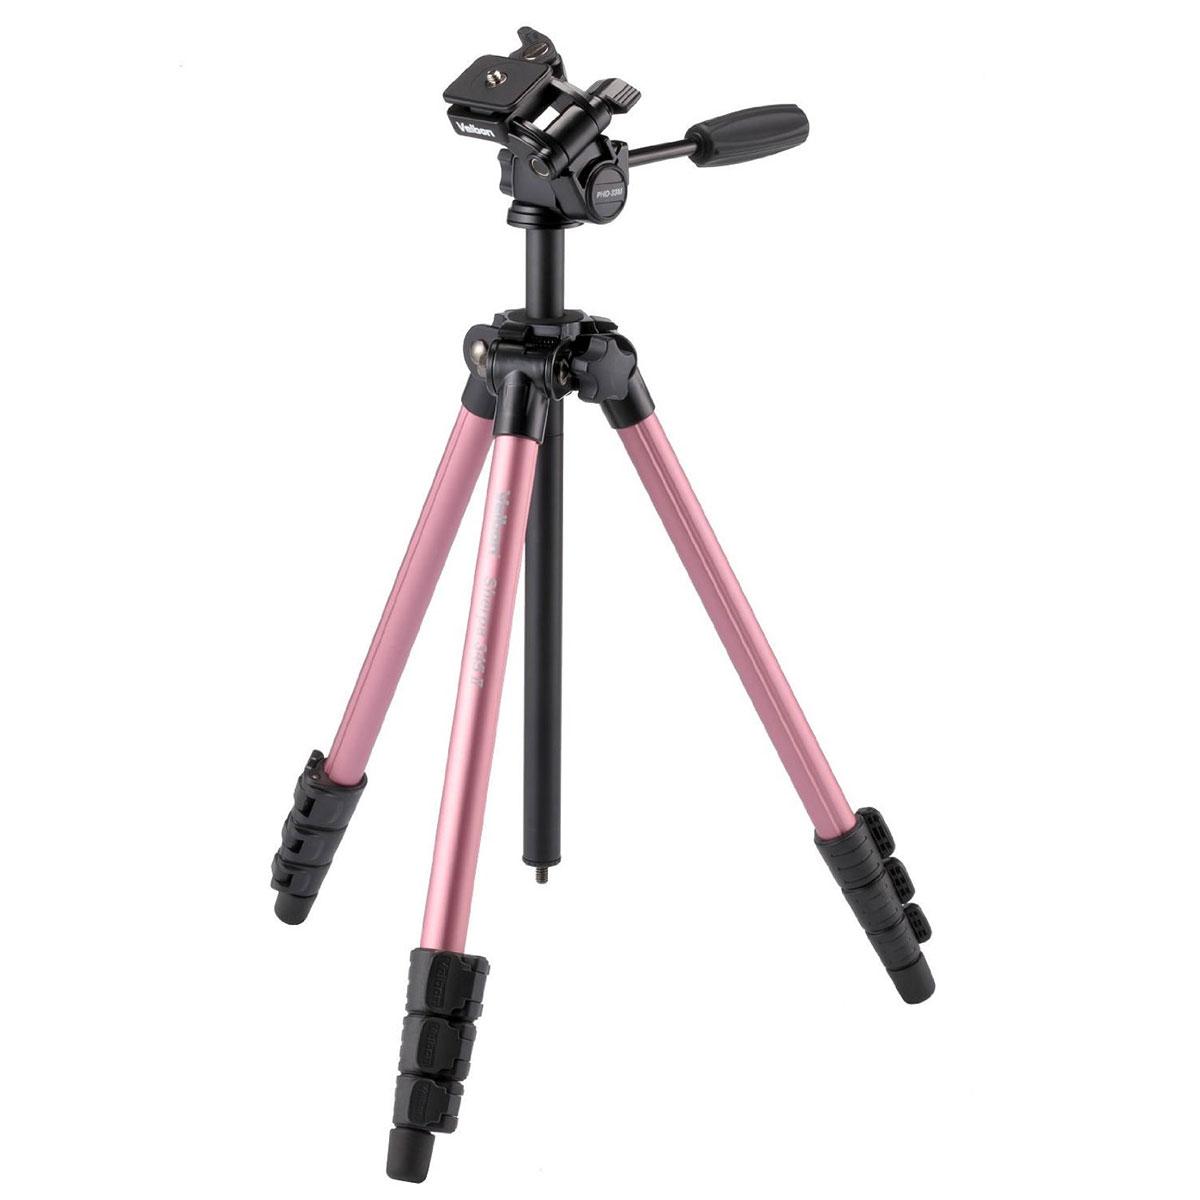 【送料無料】 ベルボン Sherpa 345II PINK アルミ三脚 ピンク [高さ146cm/耐荷重1.5kg/アルミ4段/ミラーレス一眼向けカメラ三脚/クイックシュー内蔵3ウェイ雲台付/Velbon]